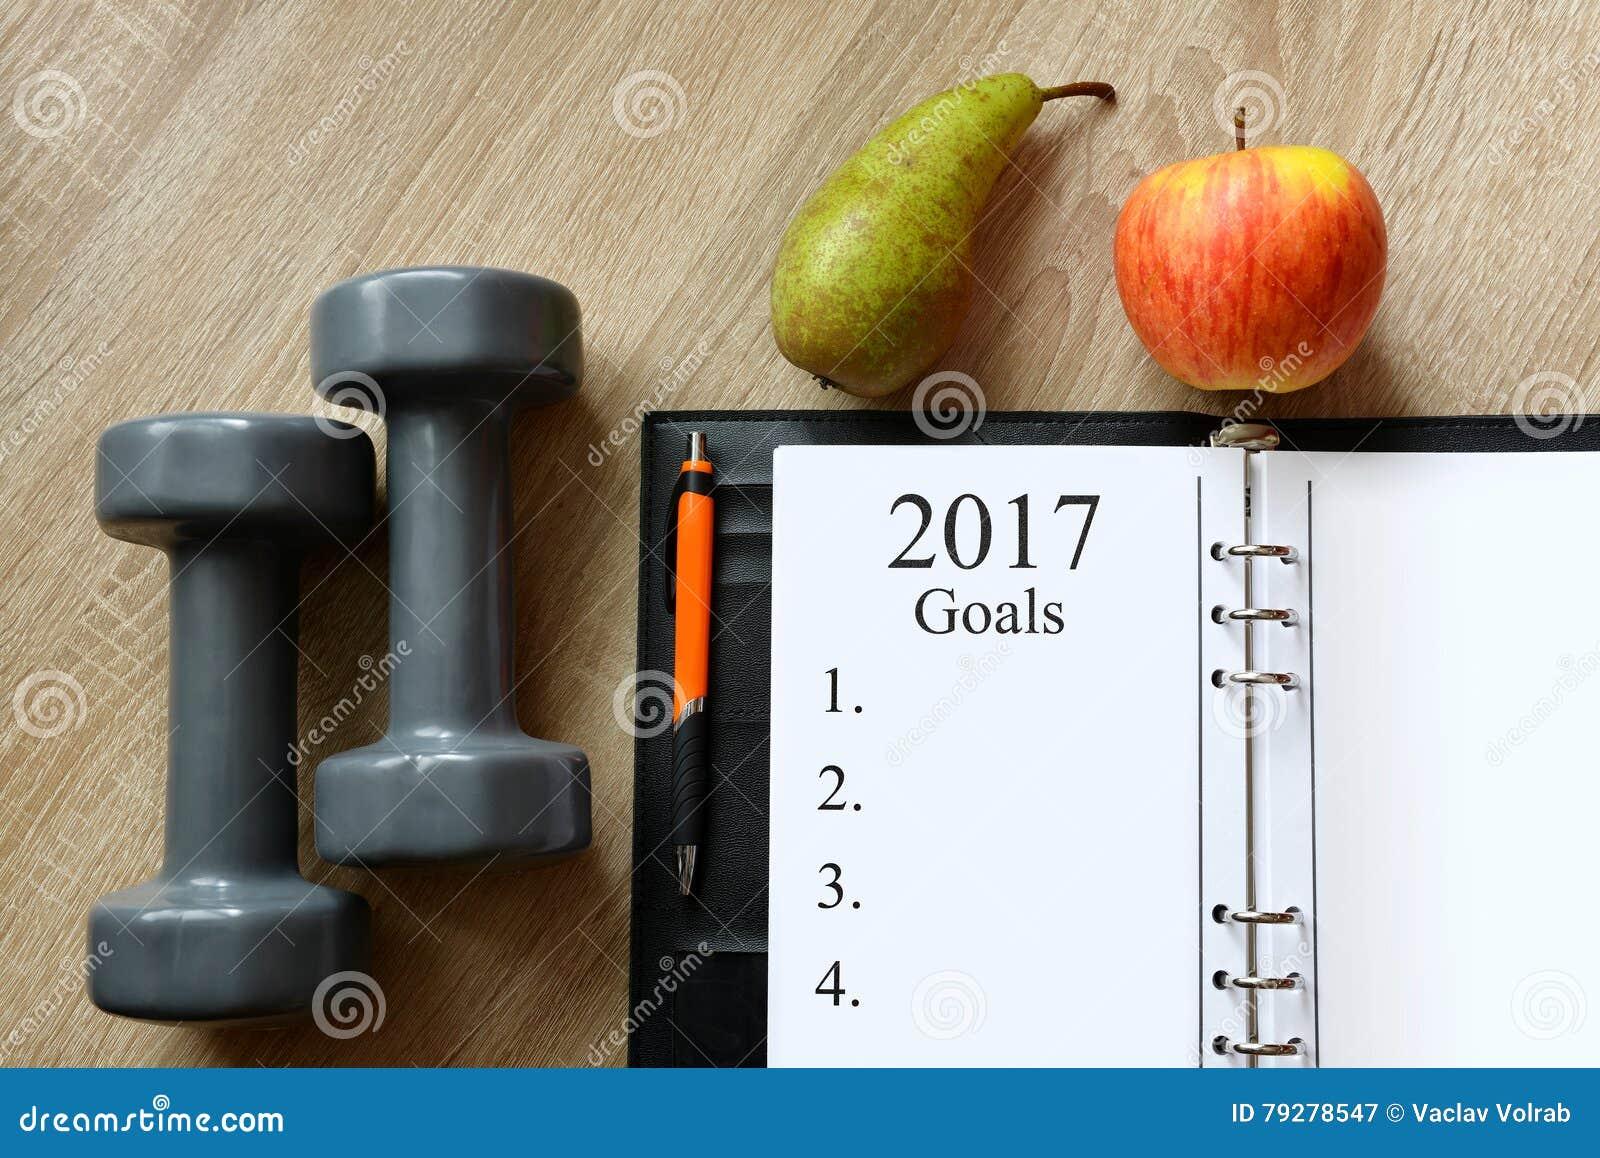 Résolutions saines pendant la nouvelle année 2017